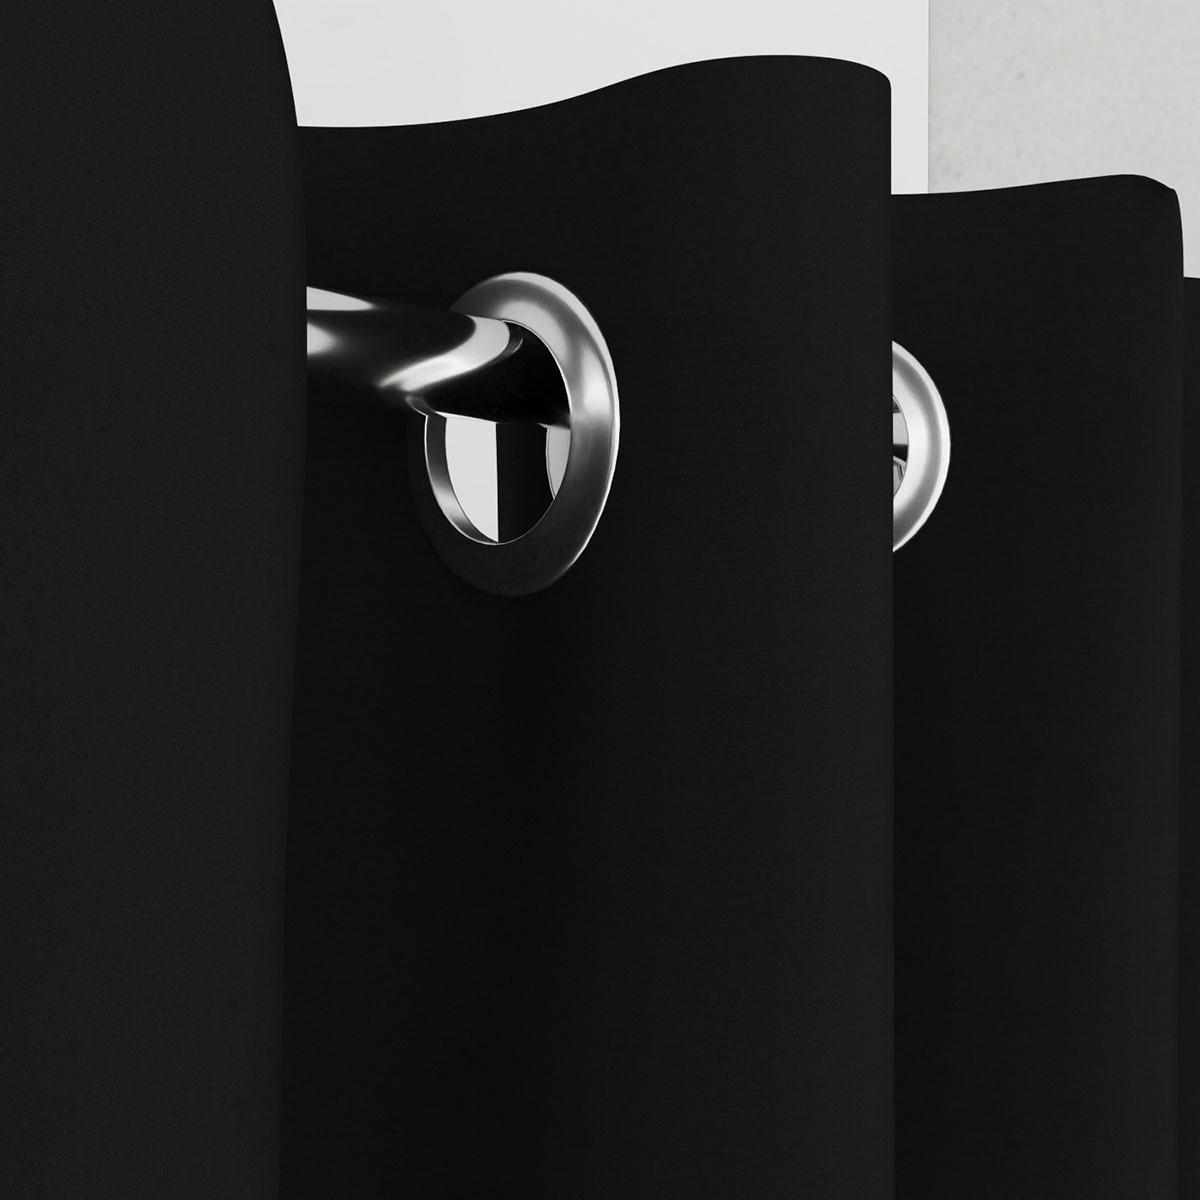 Vorhang für Umkleidekabine schwarz